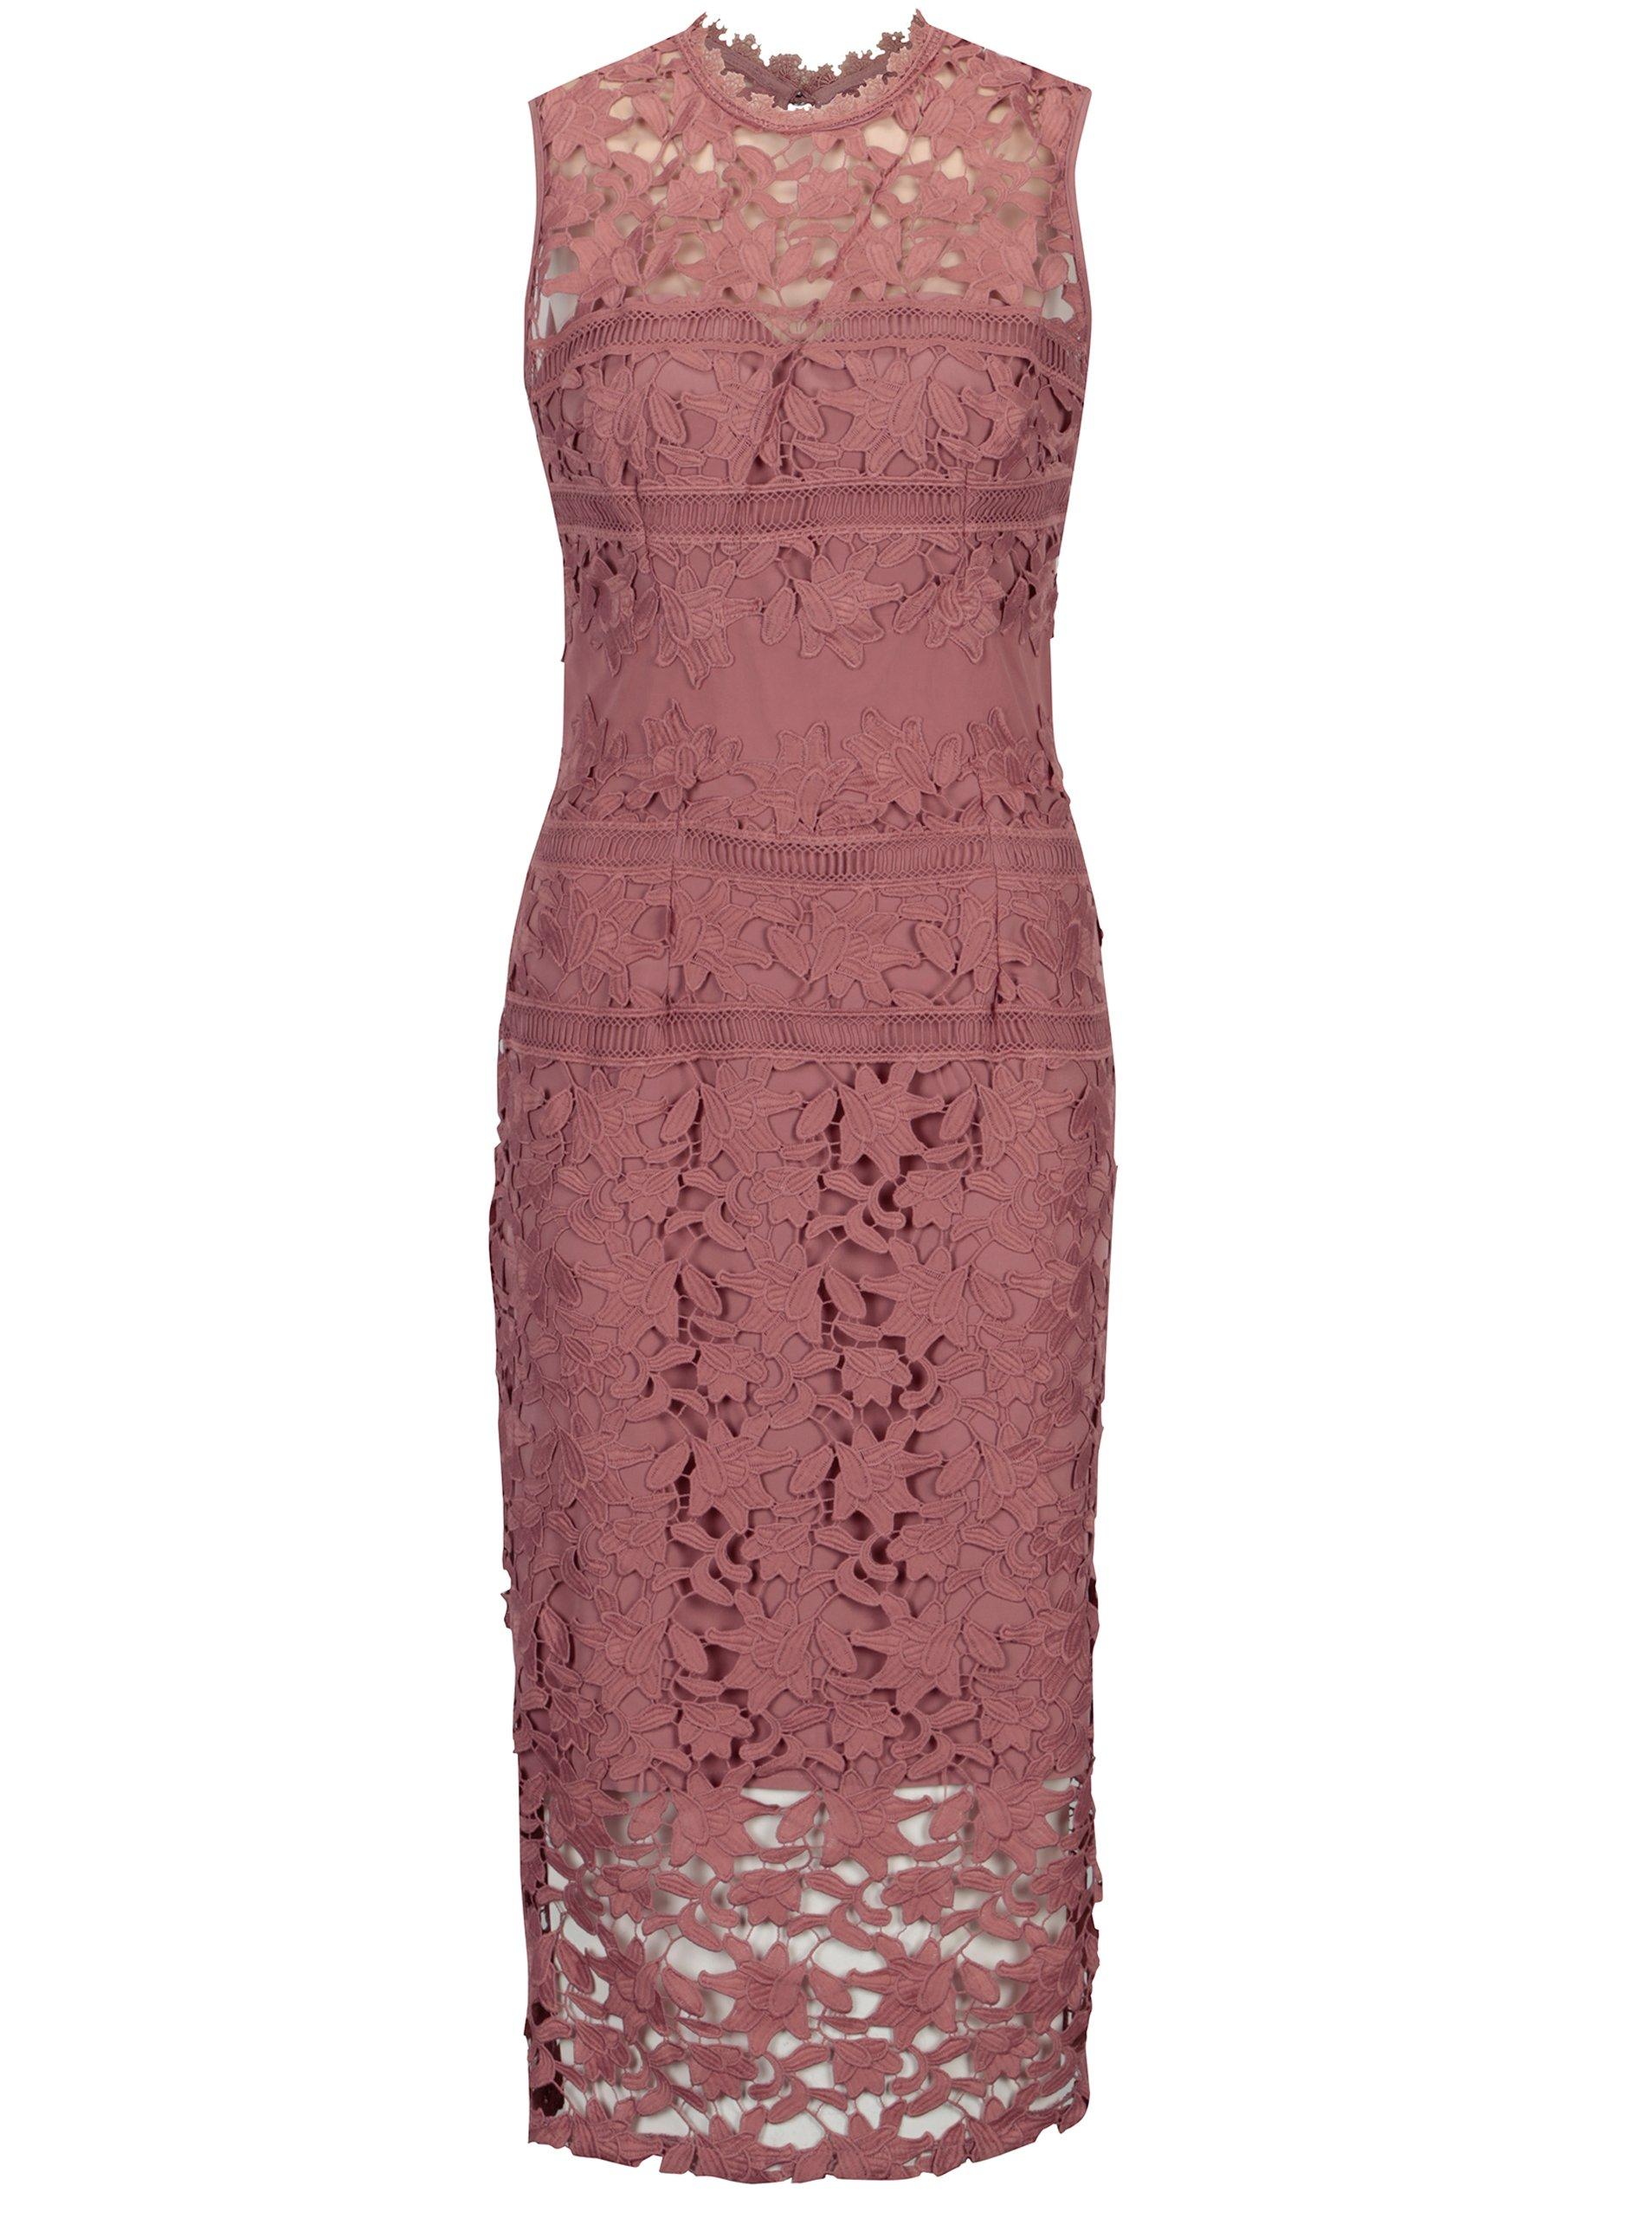 89ca7d0c3377 Ružové čipkované šaty bez rukávov Little Mistress